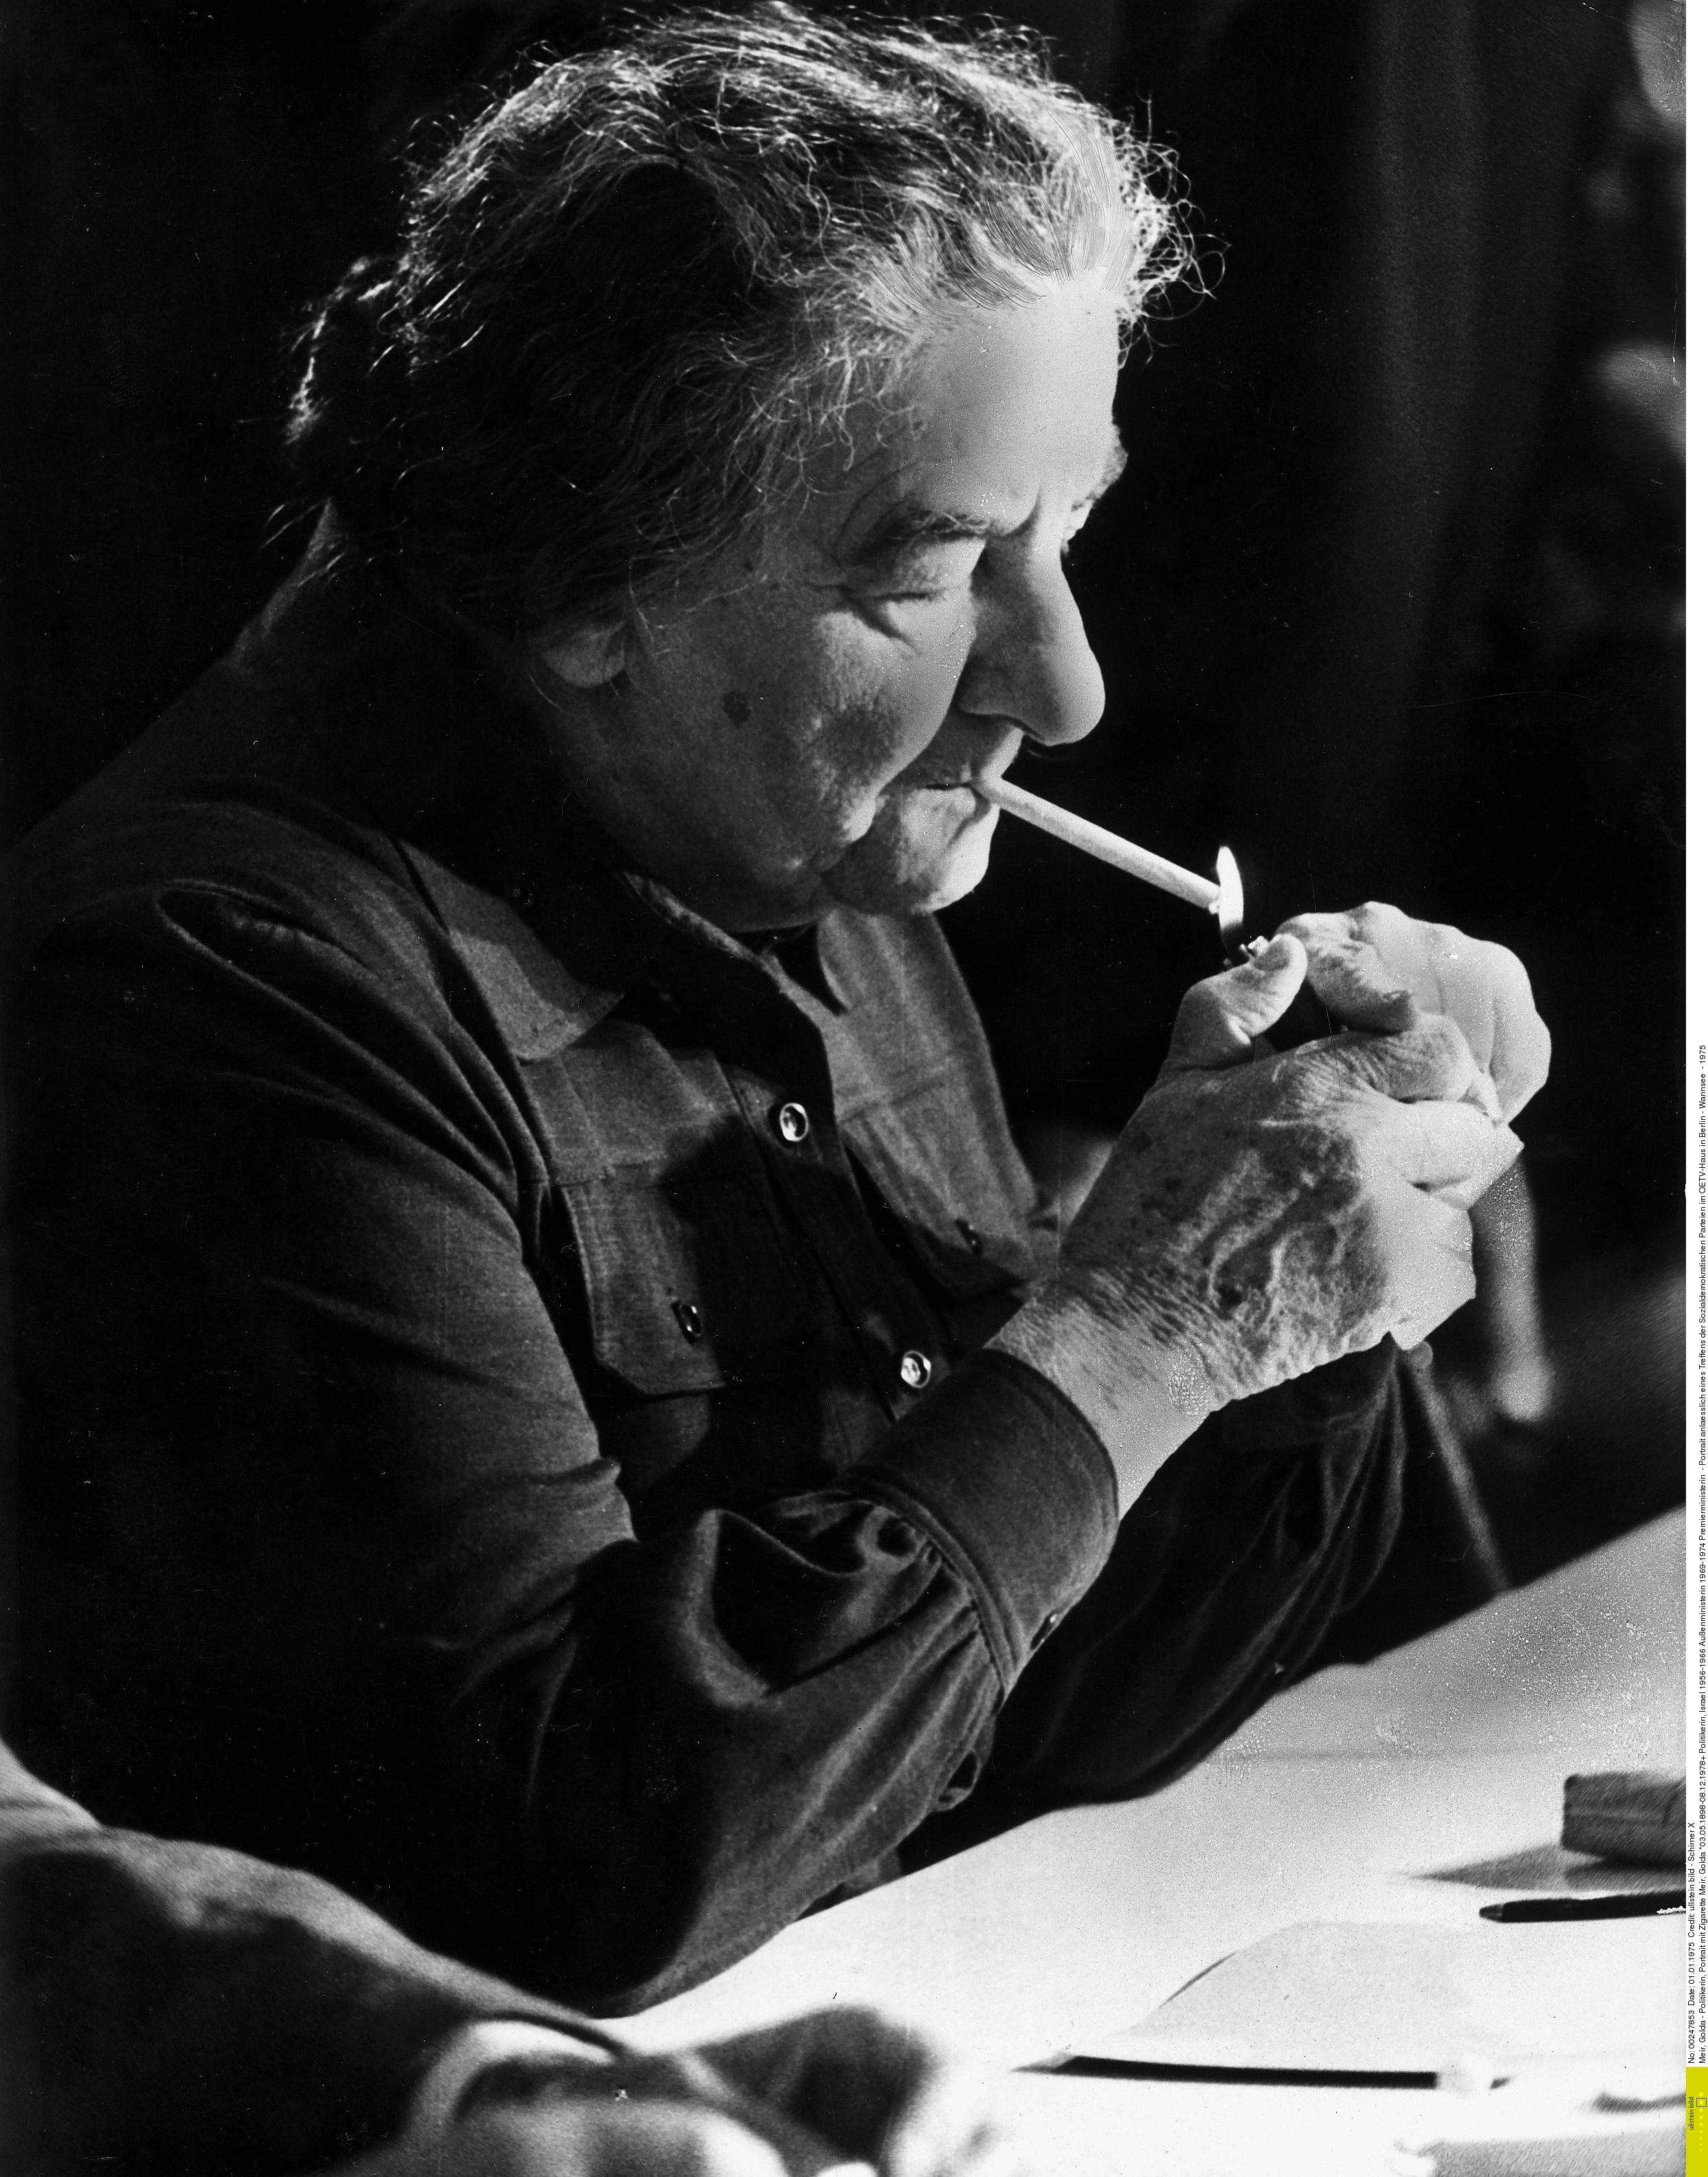 Rauchend und mit gesundem Schuhwerk. So streng Golda Meir als Politikerin auch gewesen sein mag. Als Frau war sie für viele ihrer männlichen Wegbegleiter reizvoll anziehend. Und das auch noch mit 70. / © APA Picturedesk/Ullstein-Schirner X